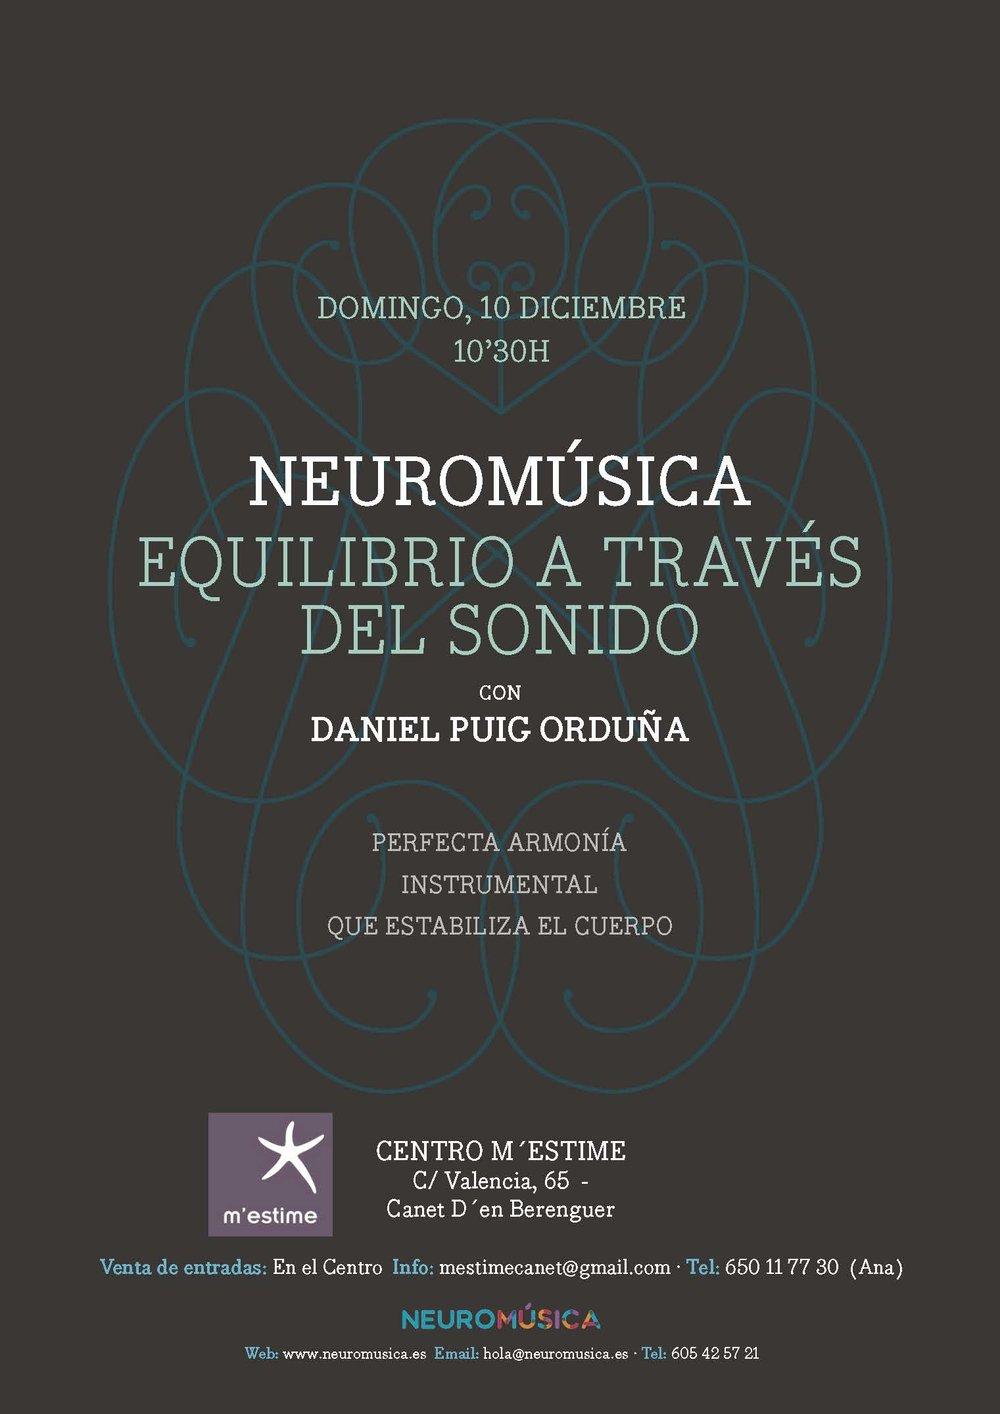 Neuromusica en mestime.jpg